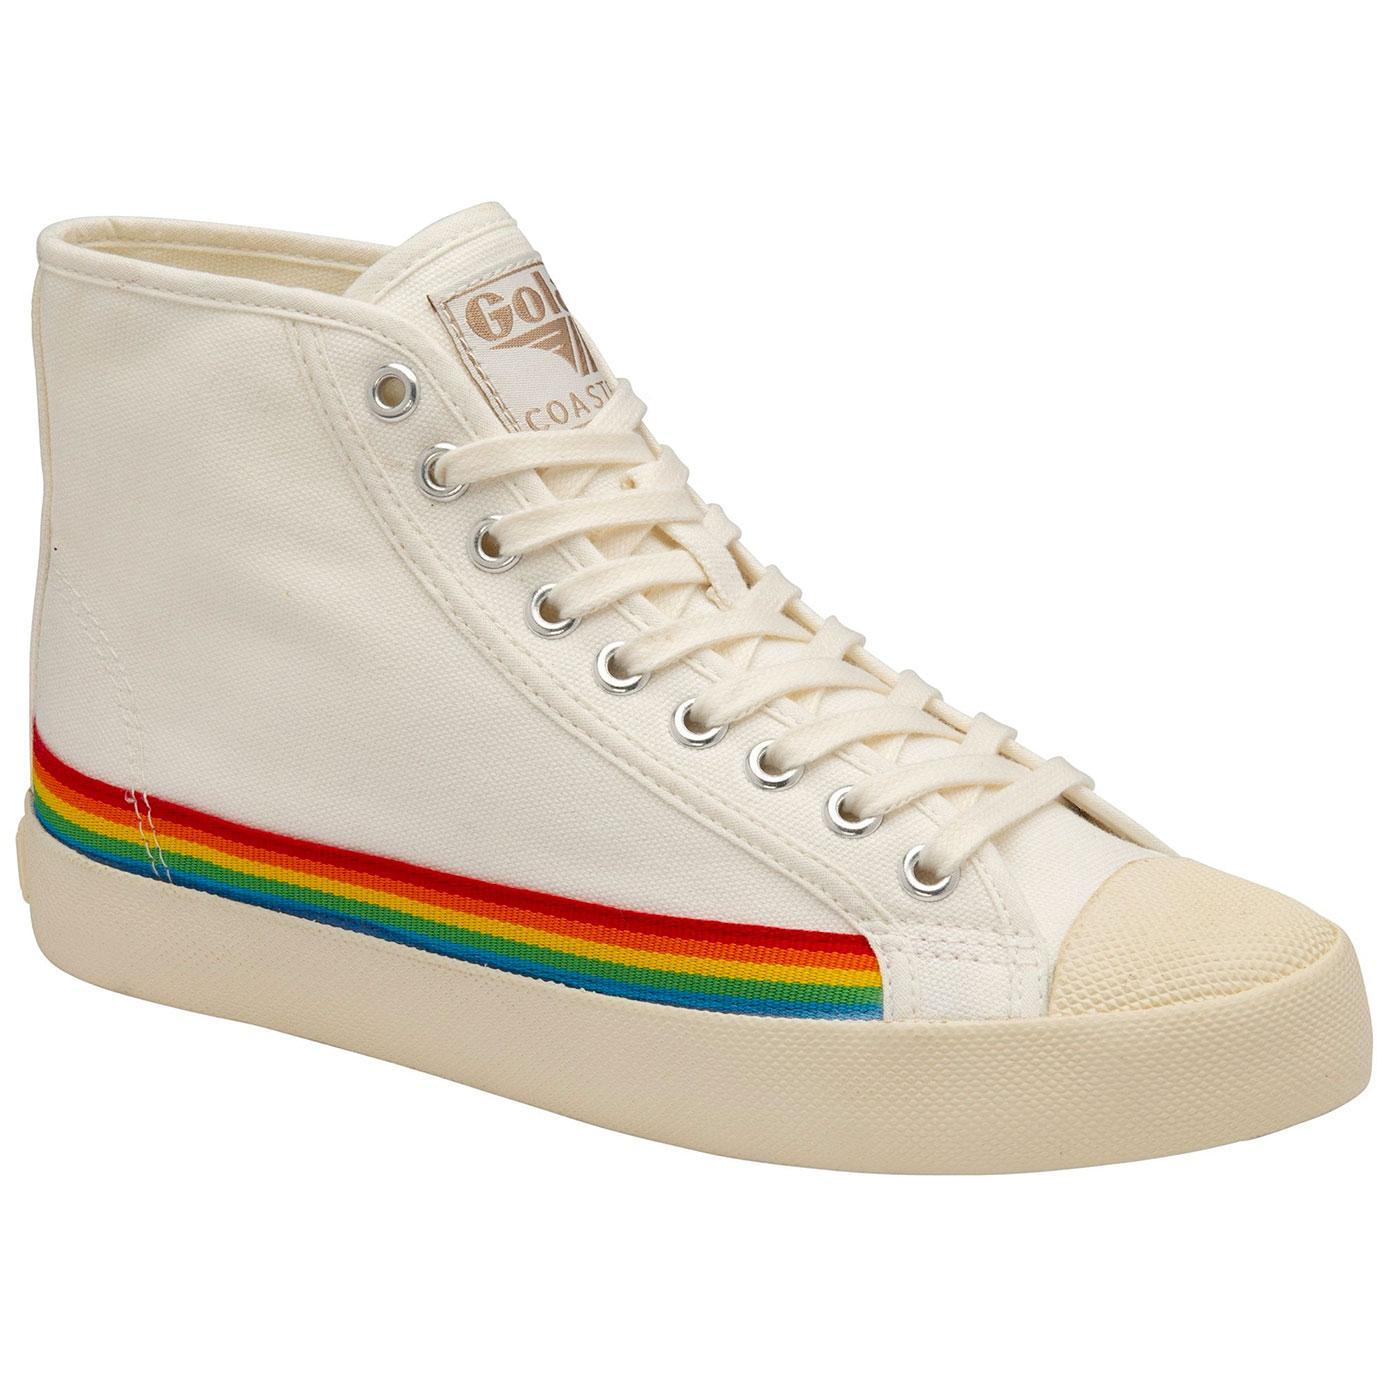 Coaster High Rainbow Drop GOLA Vegan Boots (OW)